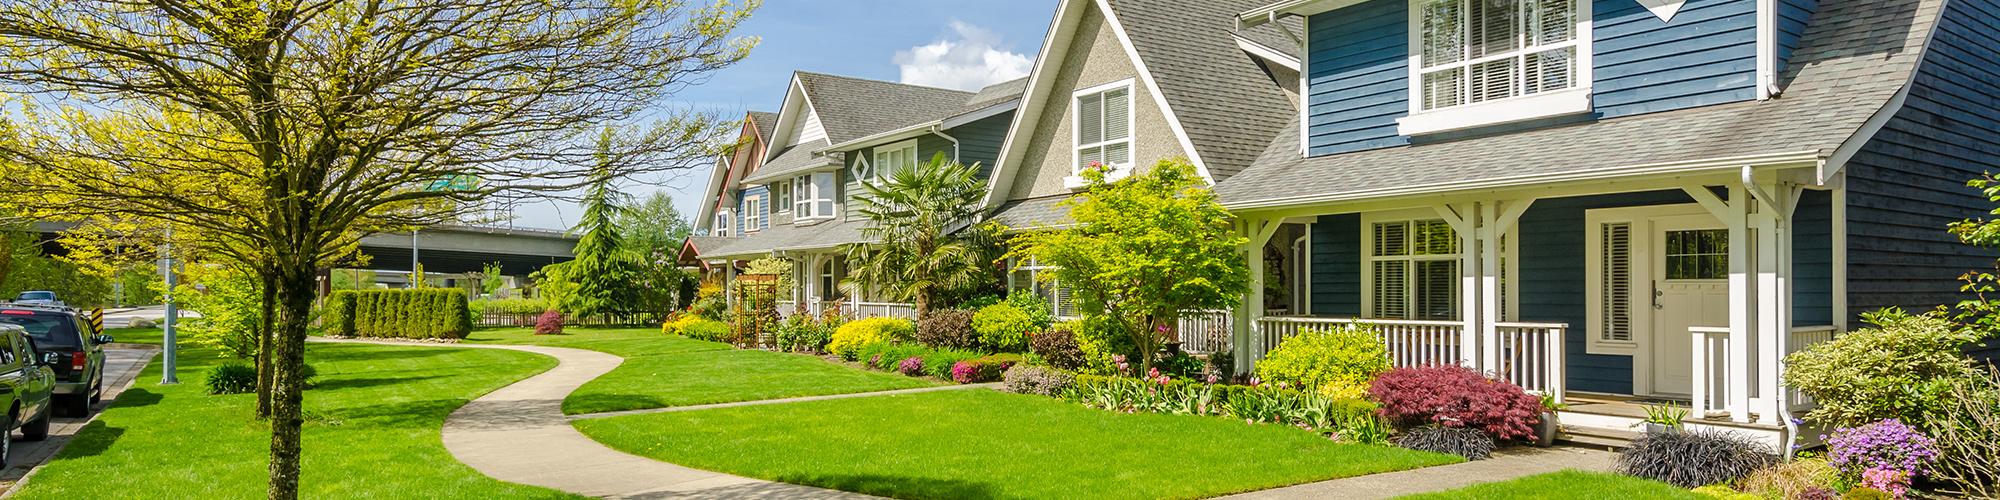 Residential Landscaping.jpg